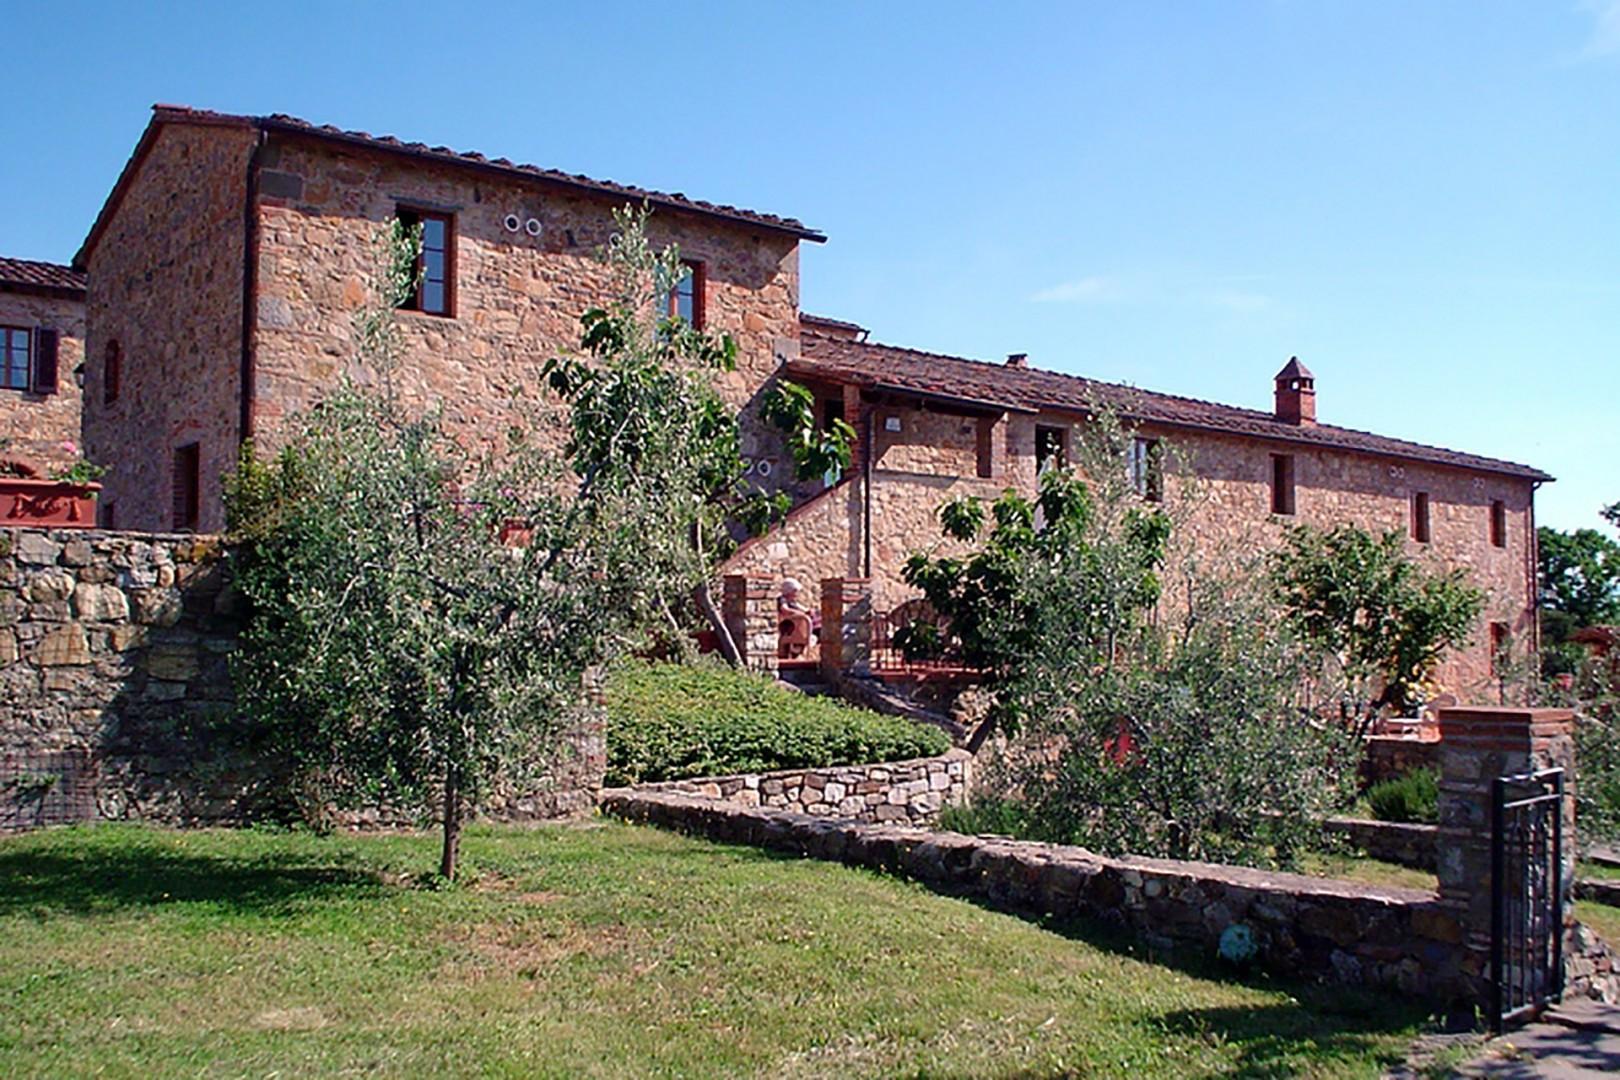 Bucine Cotogno has two terraces and a private garden area.